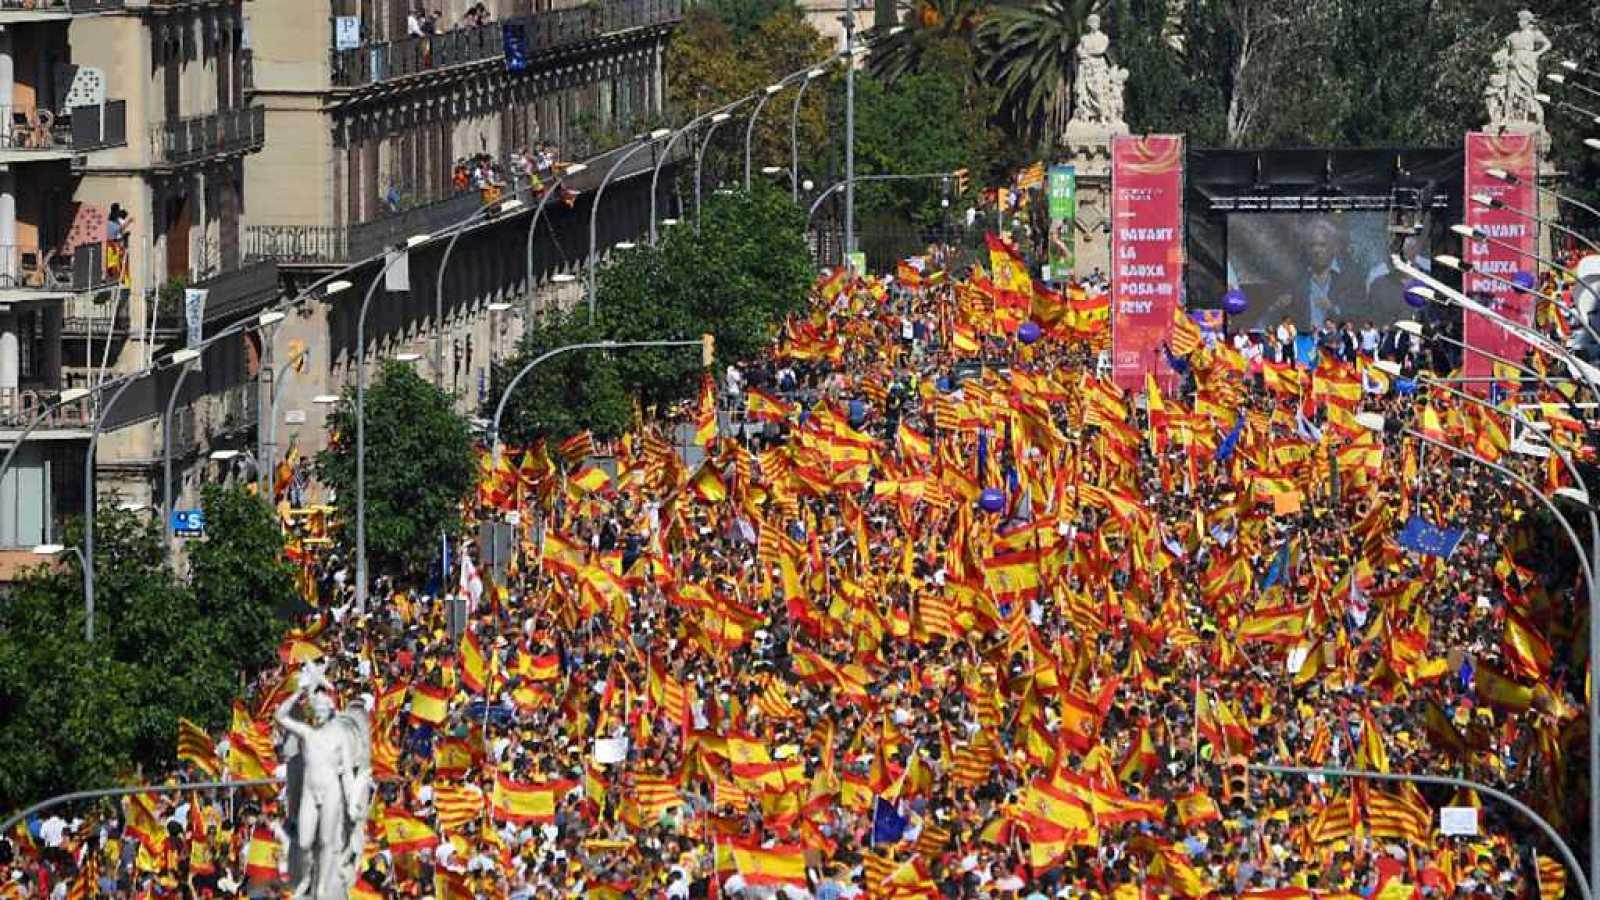 13f82f22a7fb Especiales informativos - Manifestación en Barcelona - 08/10/17